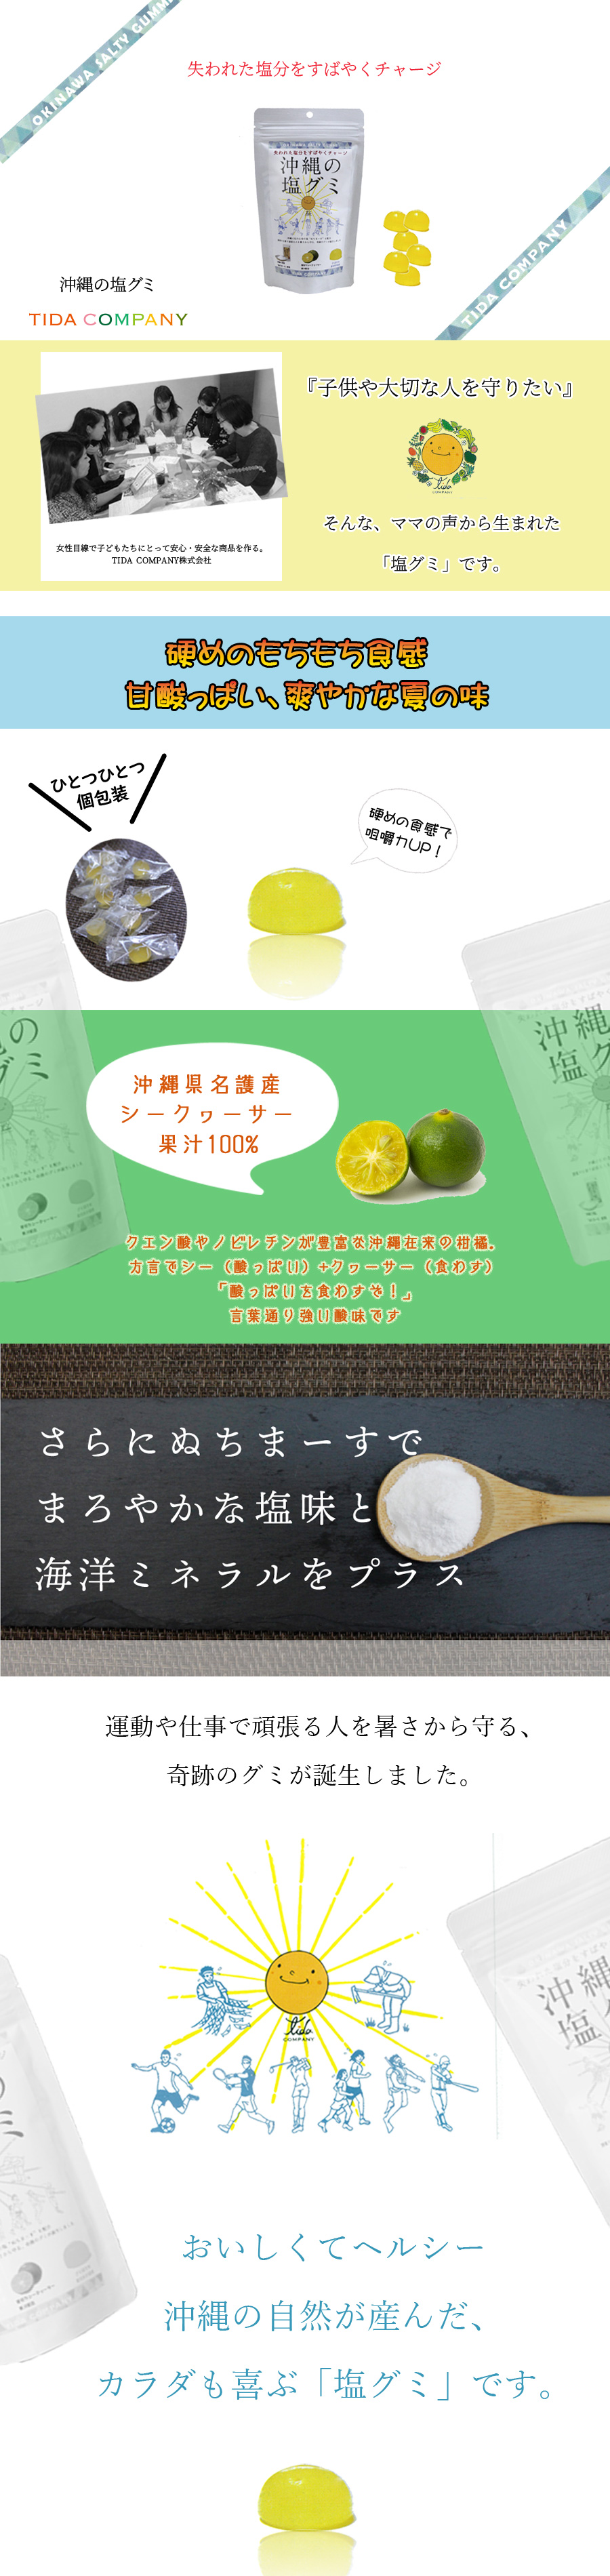 沖縄の自然が産んだカラダも喜ぶ塩グミ、ぬちまーすを使用しています。